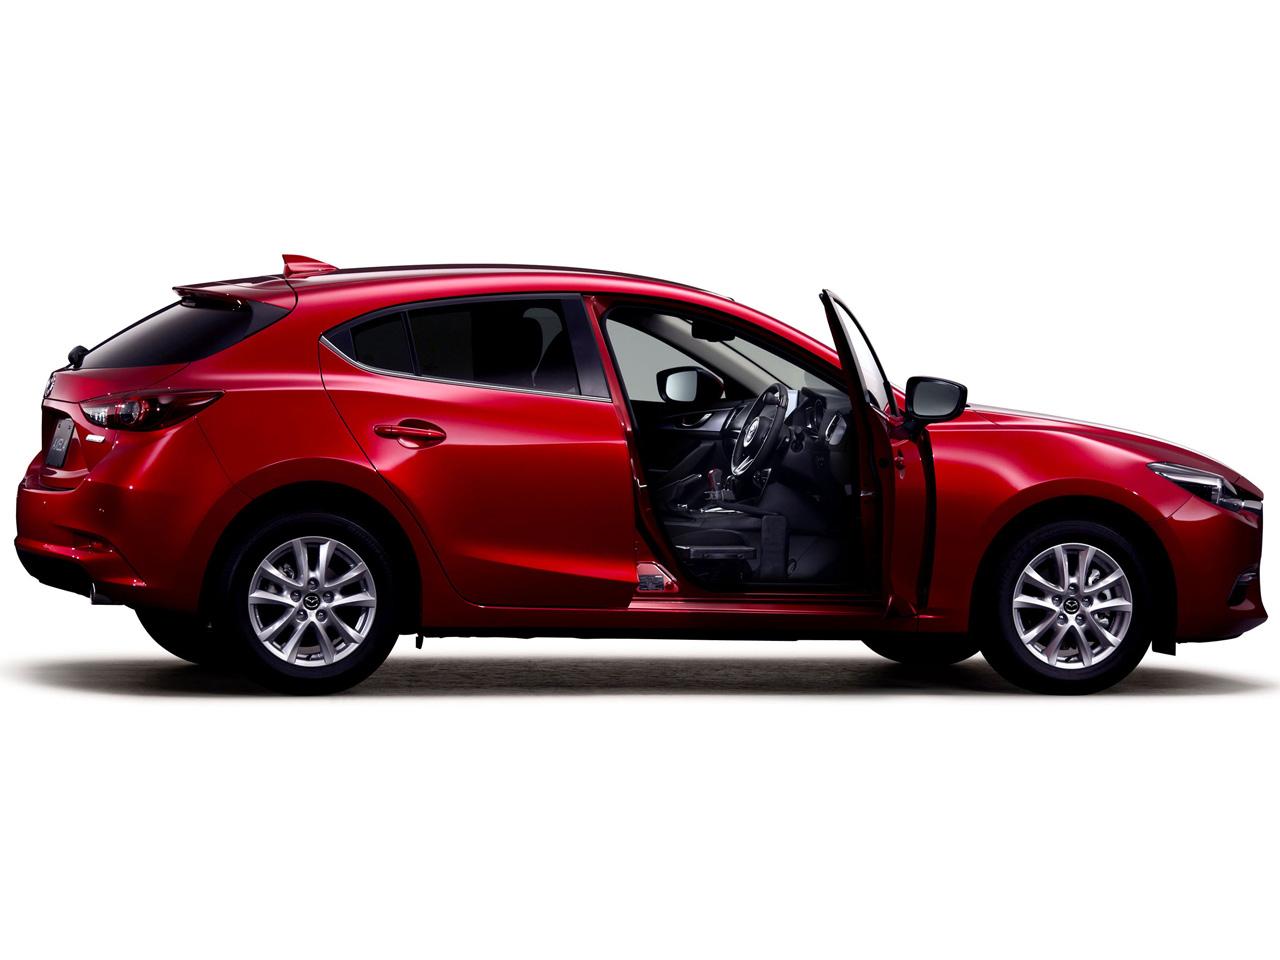 マツダ アクセラスポーツ 福祉車両 2017年モデル 新車画像